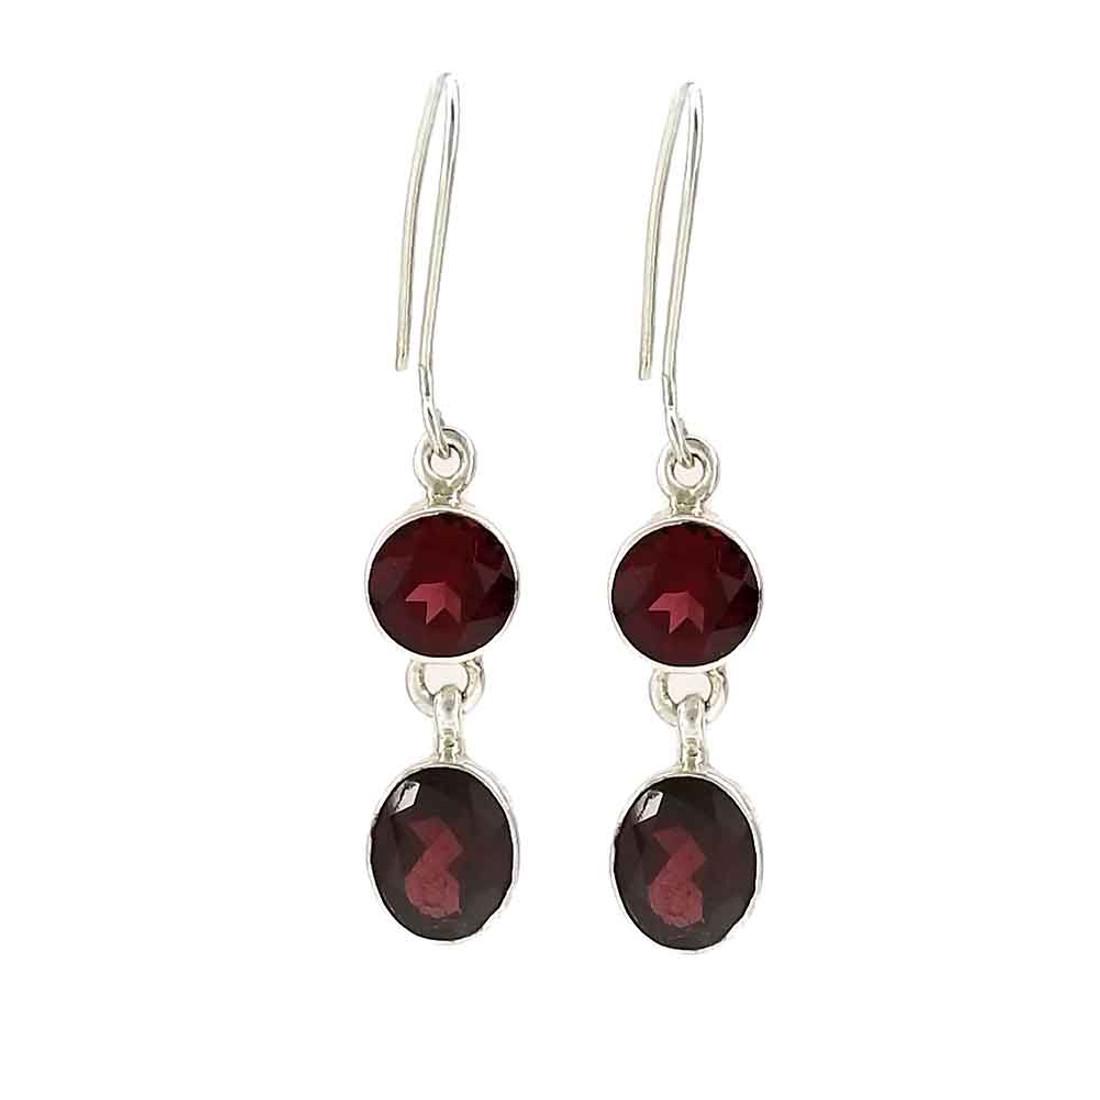 Garnet sterling silver dangle earrings.